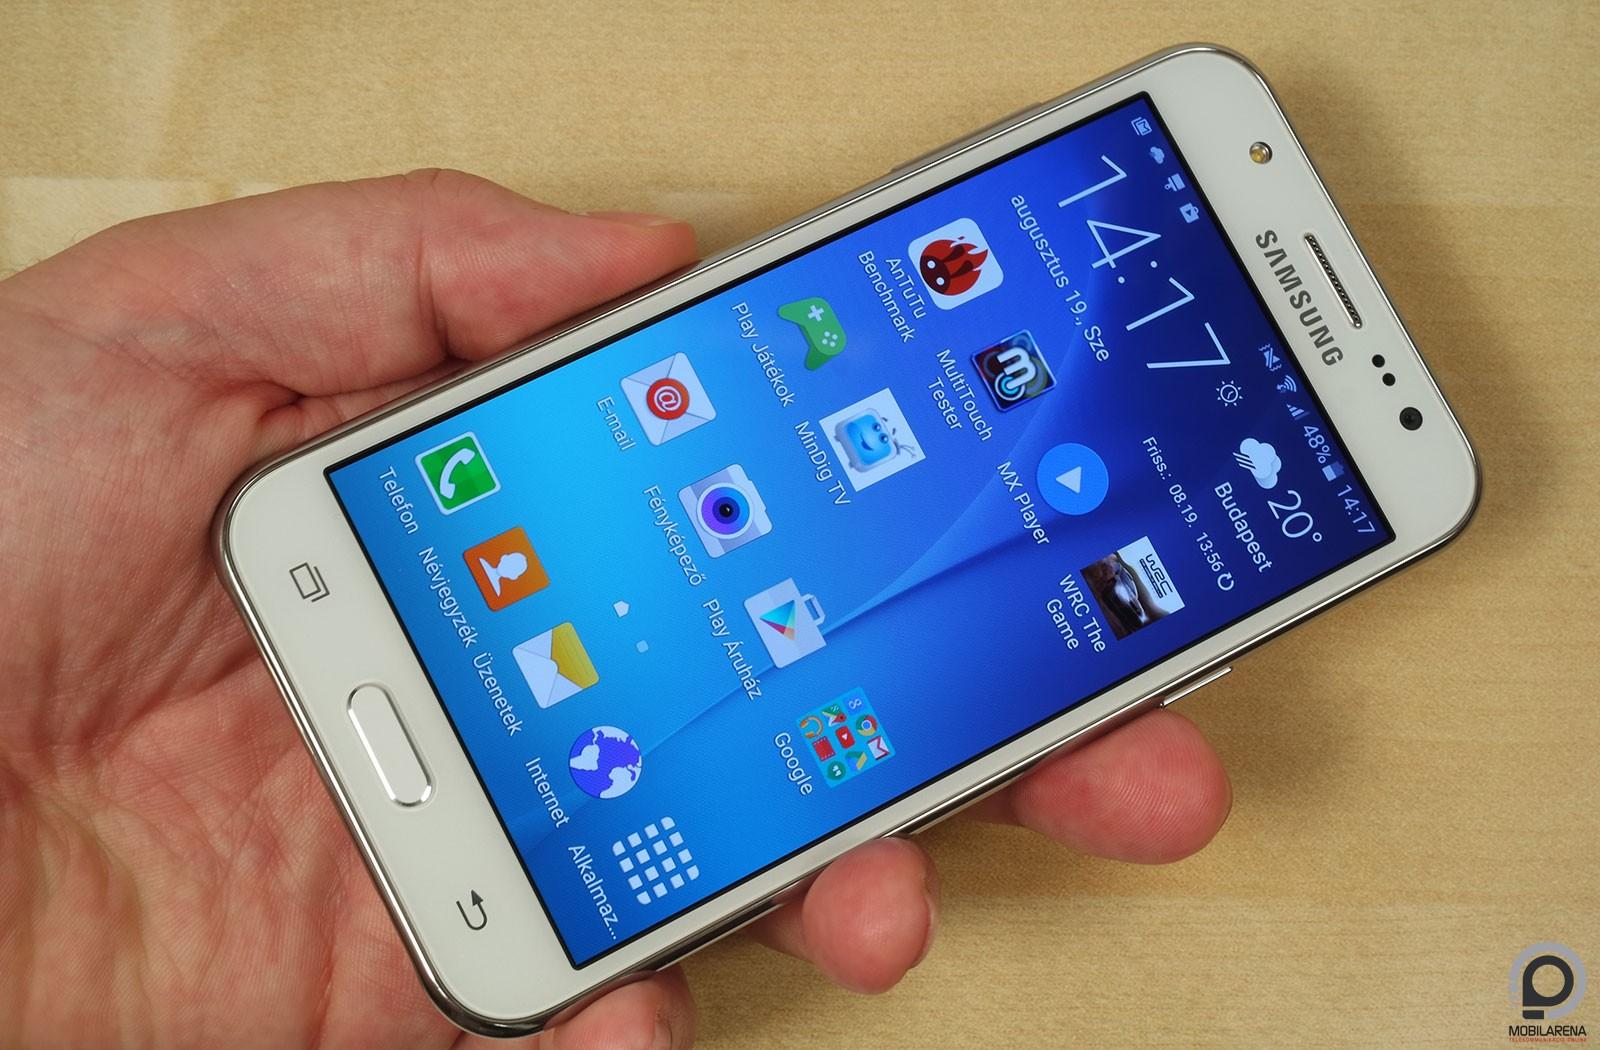 Samsung Galaxy J5 - csók a családnak - Mobilarena Okostelefon teszt 0644c02dc7